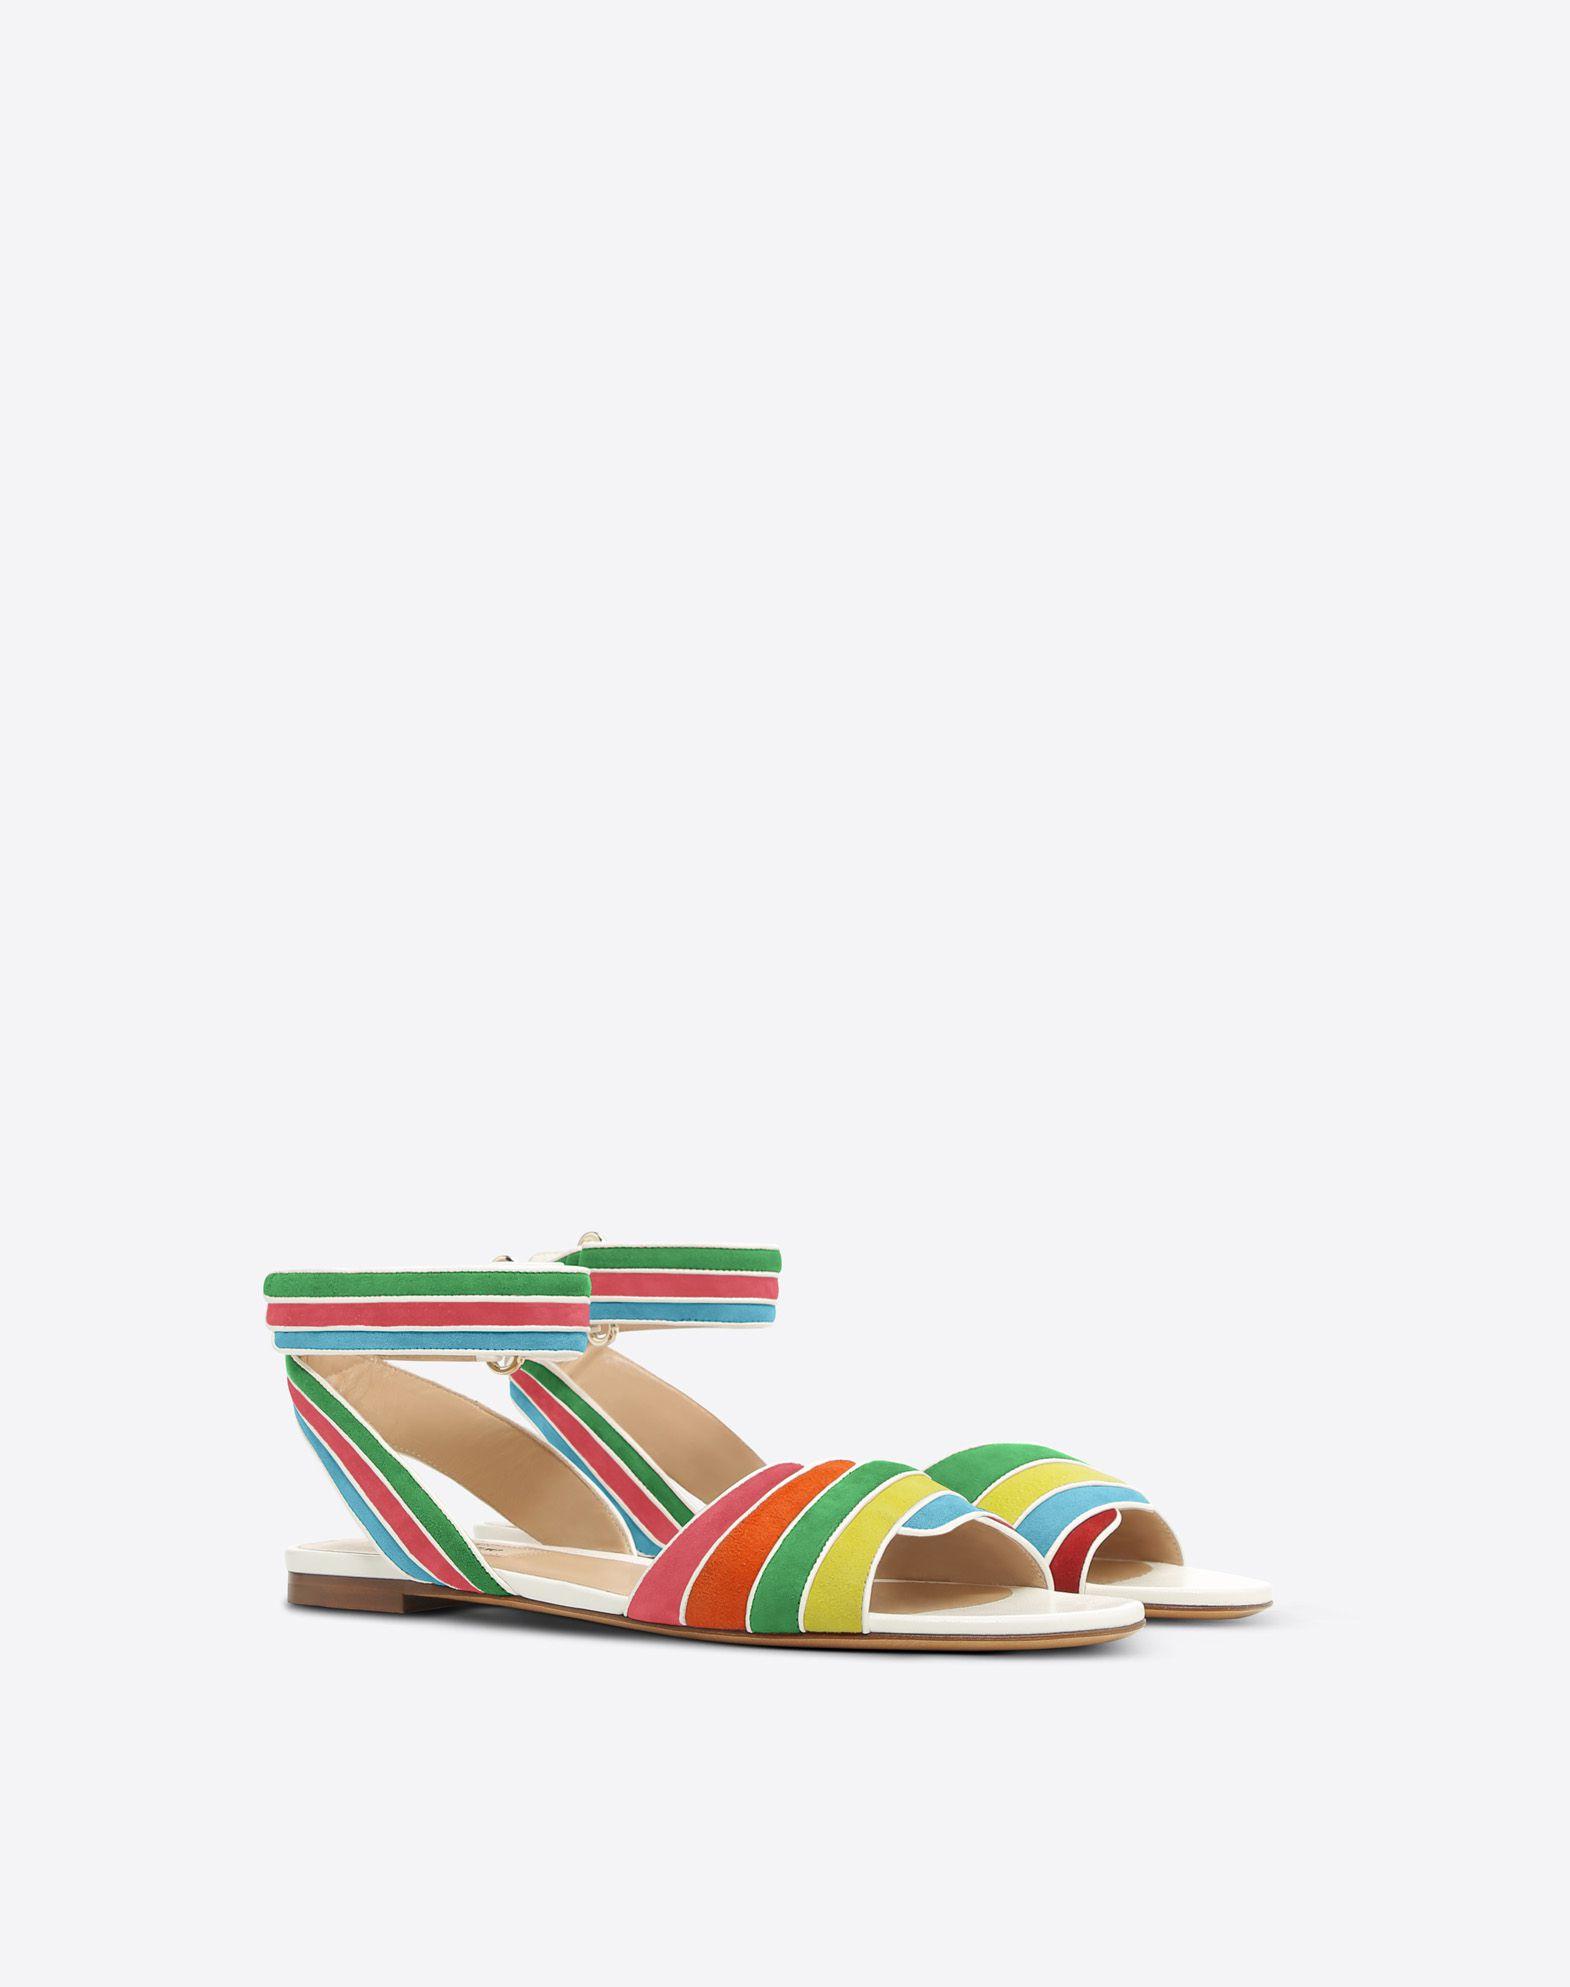 VALENTINO GARAVANI Sandalias multicolores FLAT SANDALS D r